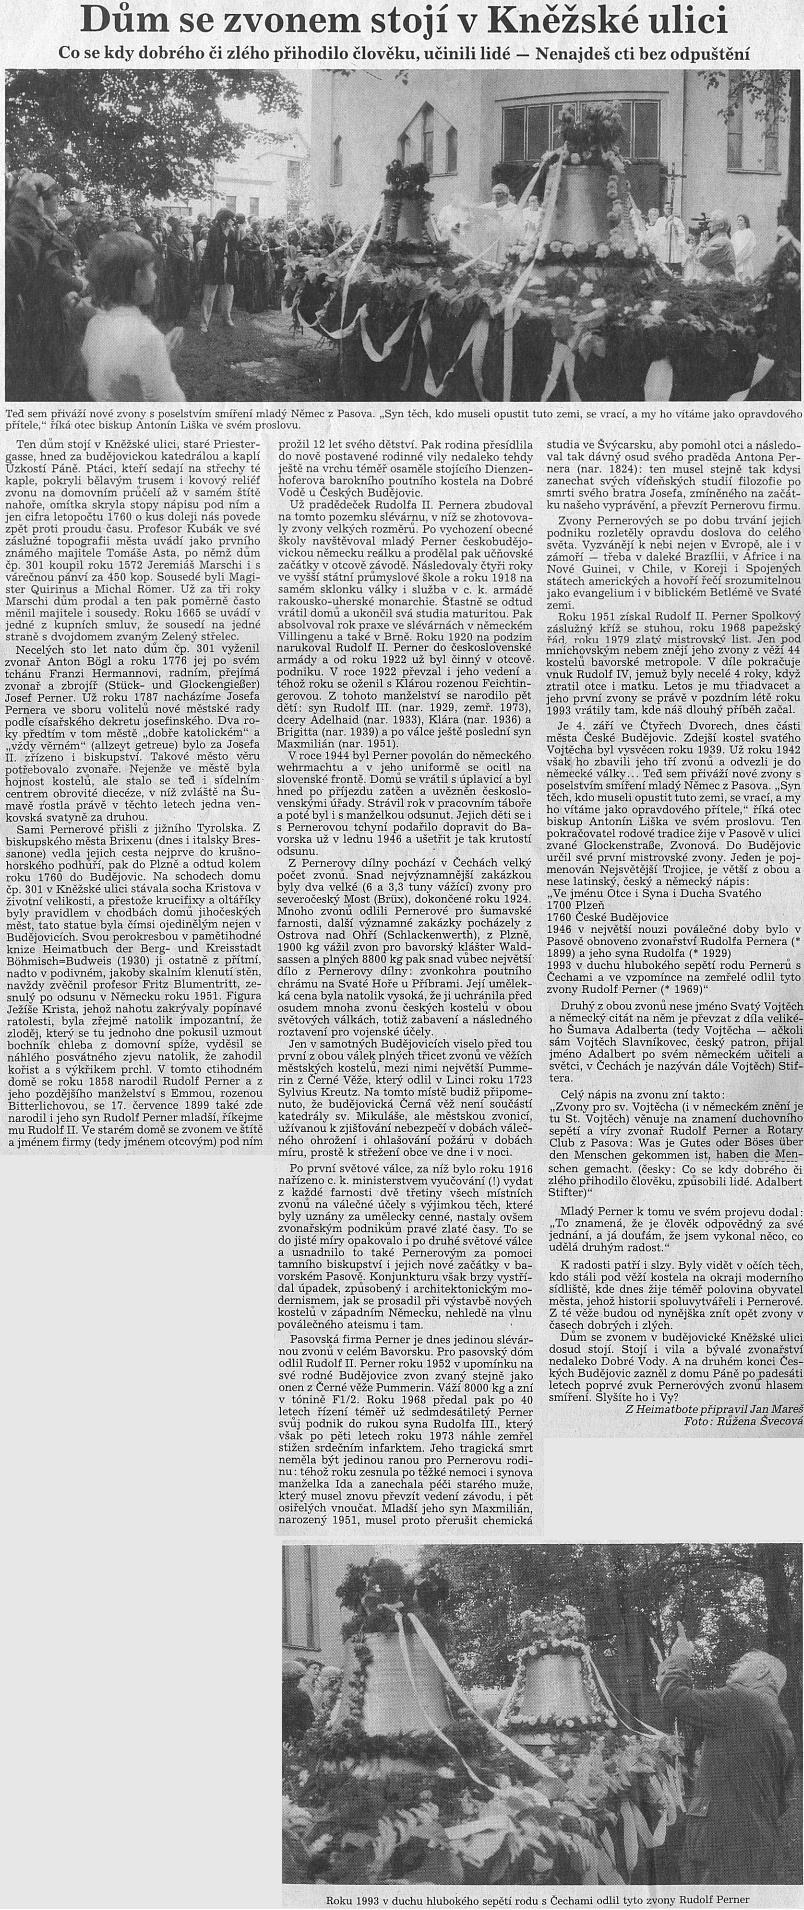 Text ke snímku Růženy Švecové ze svěcení Pernerových zvonů ve Čtyřech Dvorech mluví citací prolovu biskupa Antonína Lišky za vše